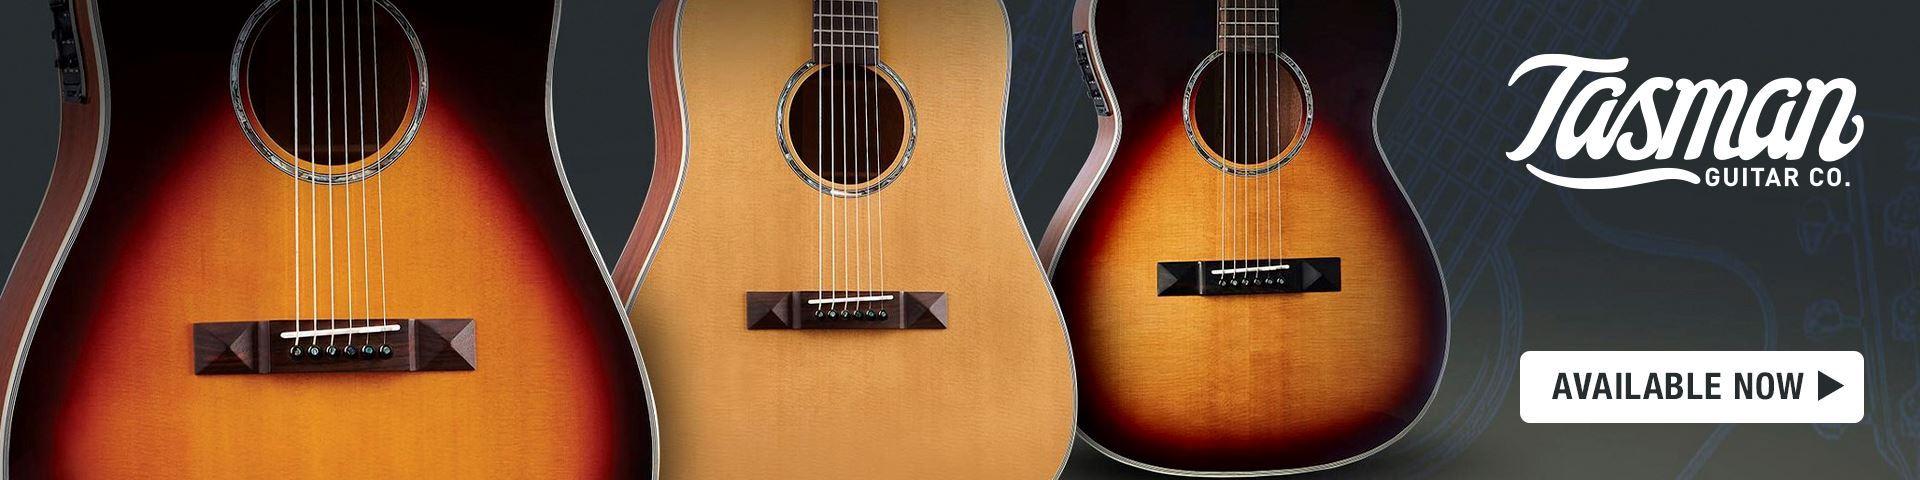 Tasman Acoustic Guitars at Mega Music, Perth